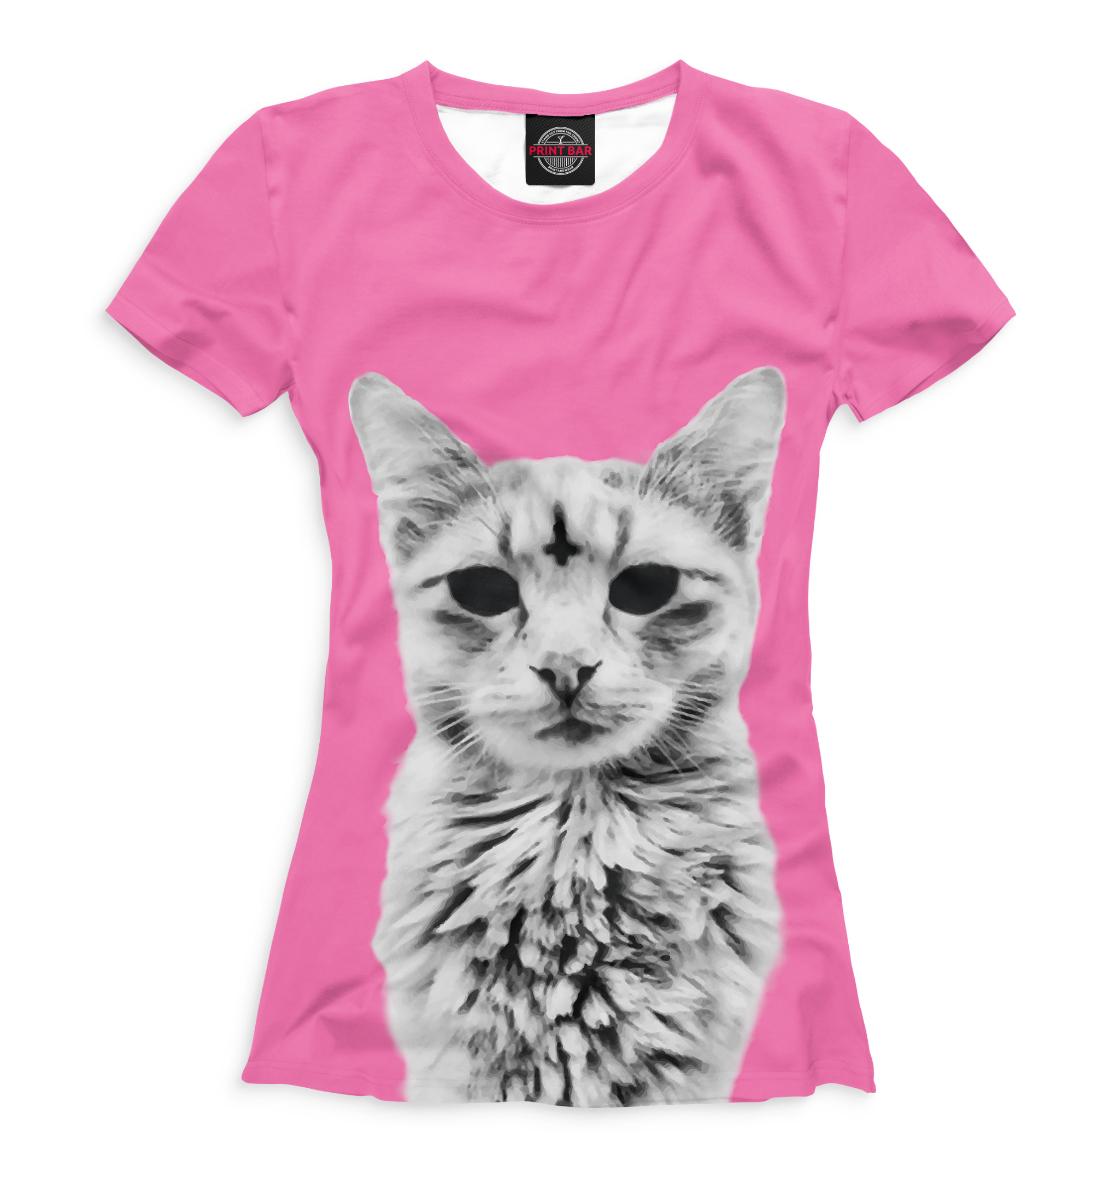 Купить Футболка для девочек Коты CAT-850644-fut-1